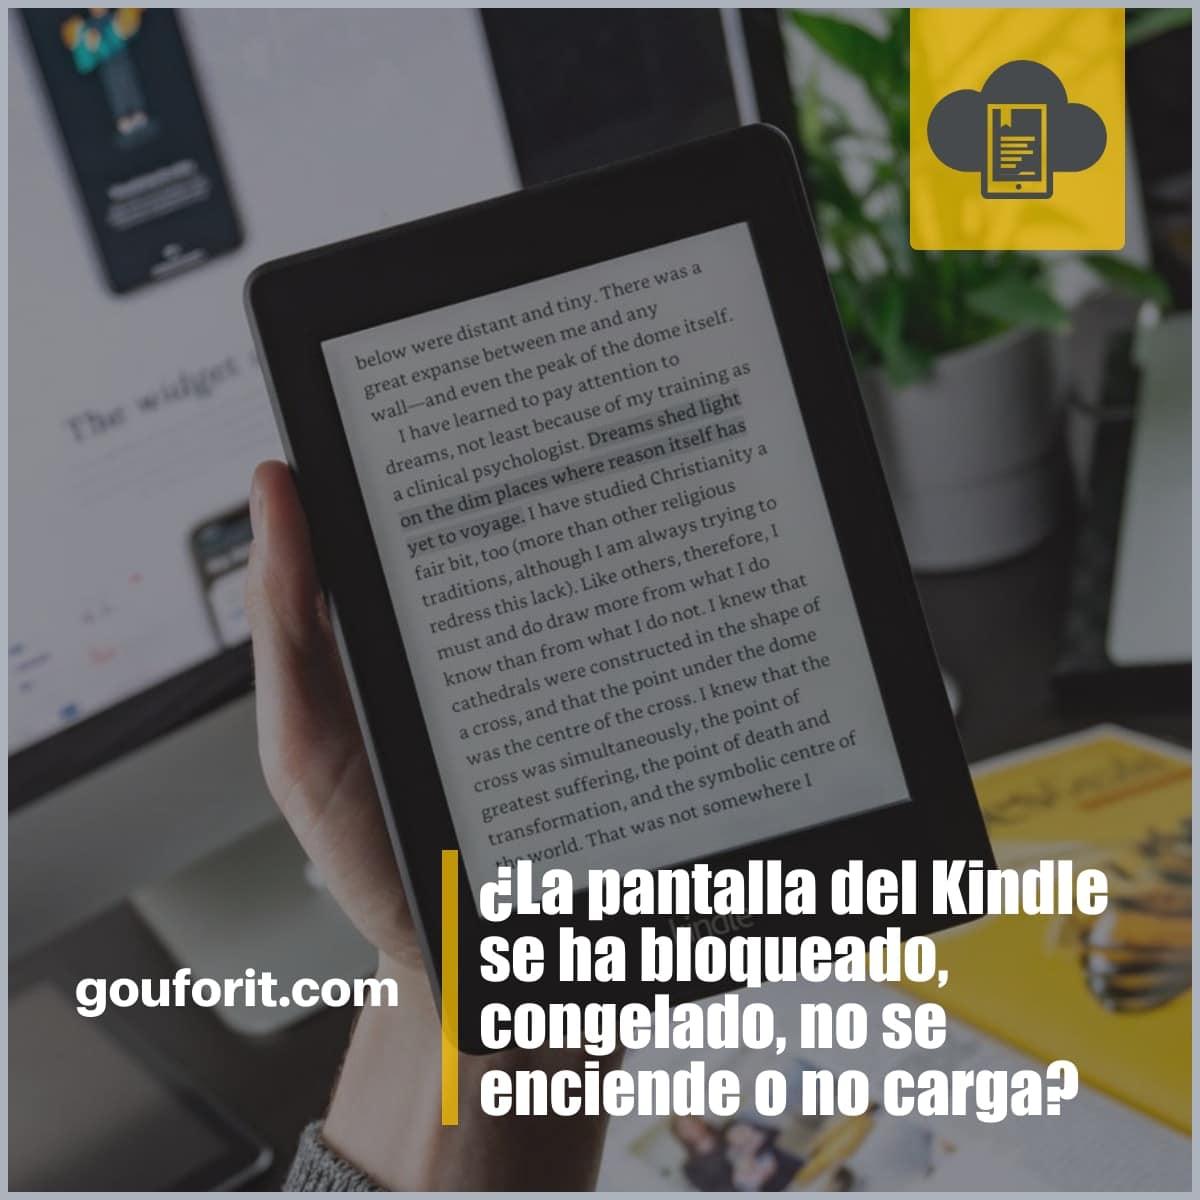 ¿La pantalla del Kindle se ha bloqueado, congelado, no se enciende o no carga?